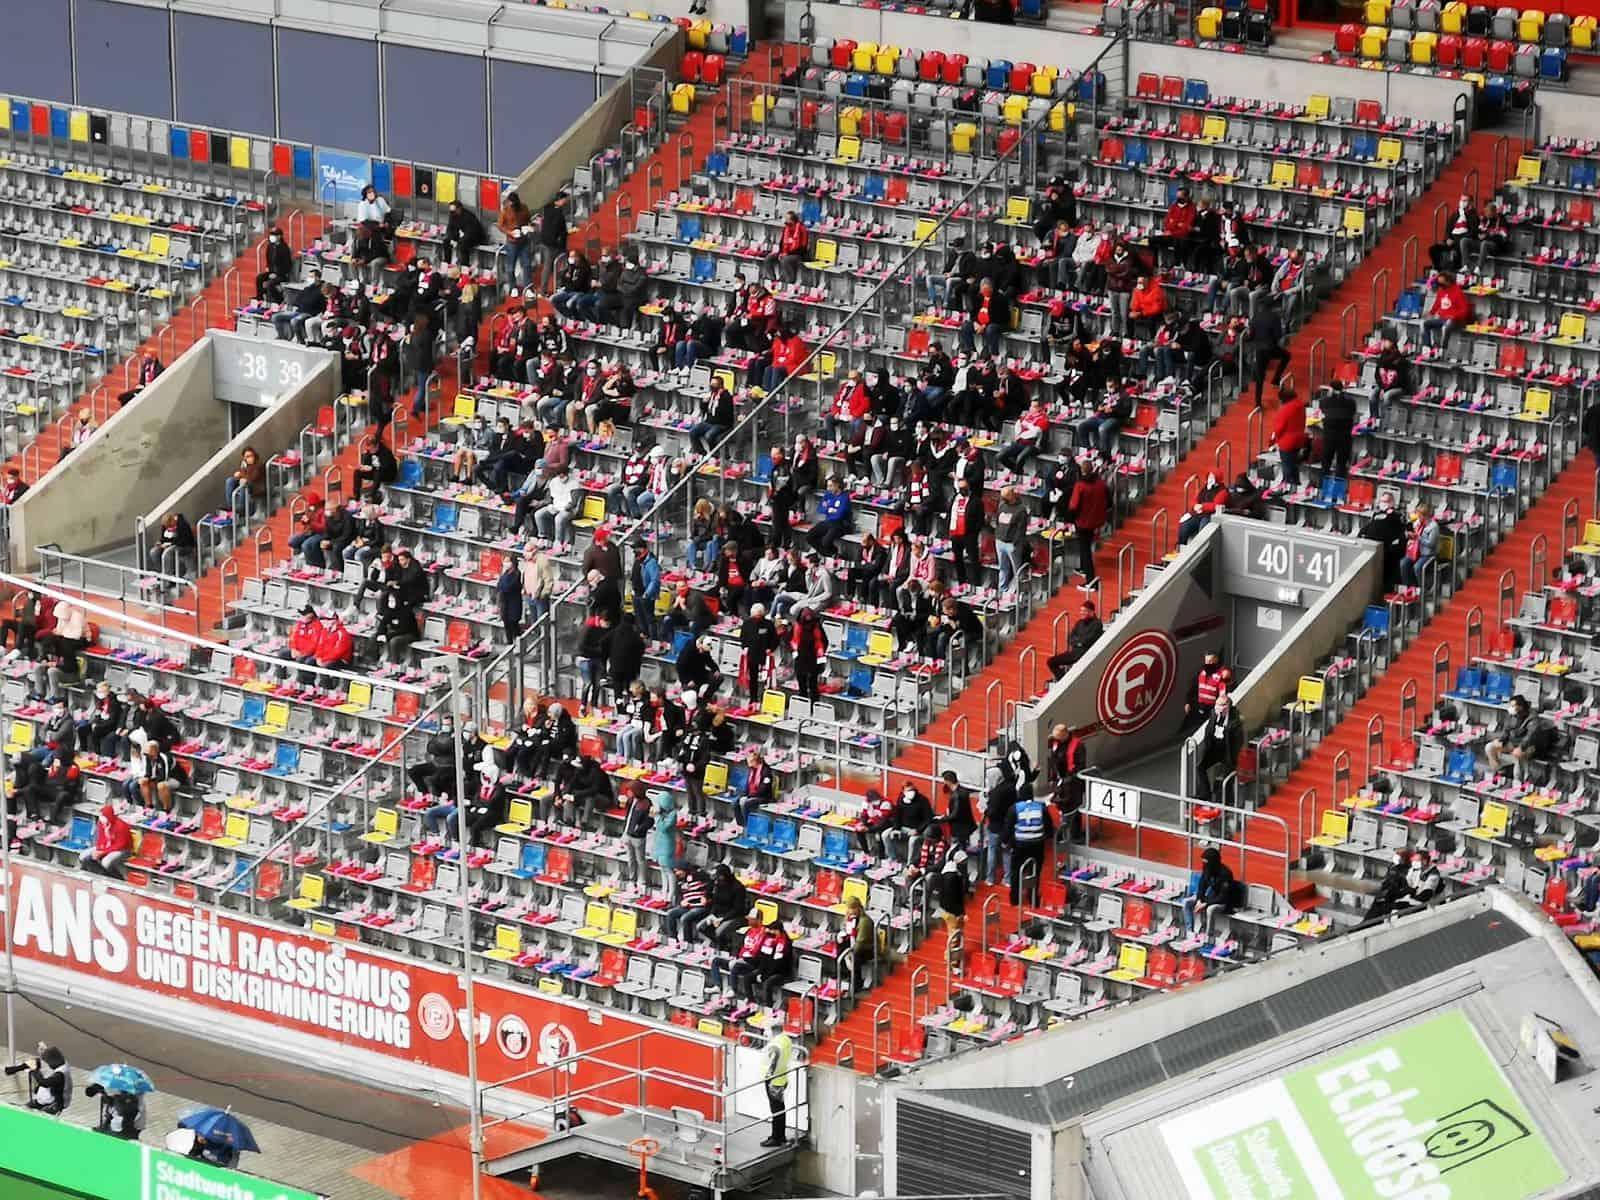 Gegen Würzburg im September: Zum letzten Mal mit Fans (Foto: TD)